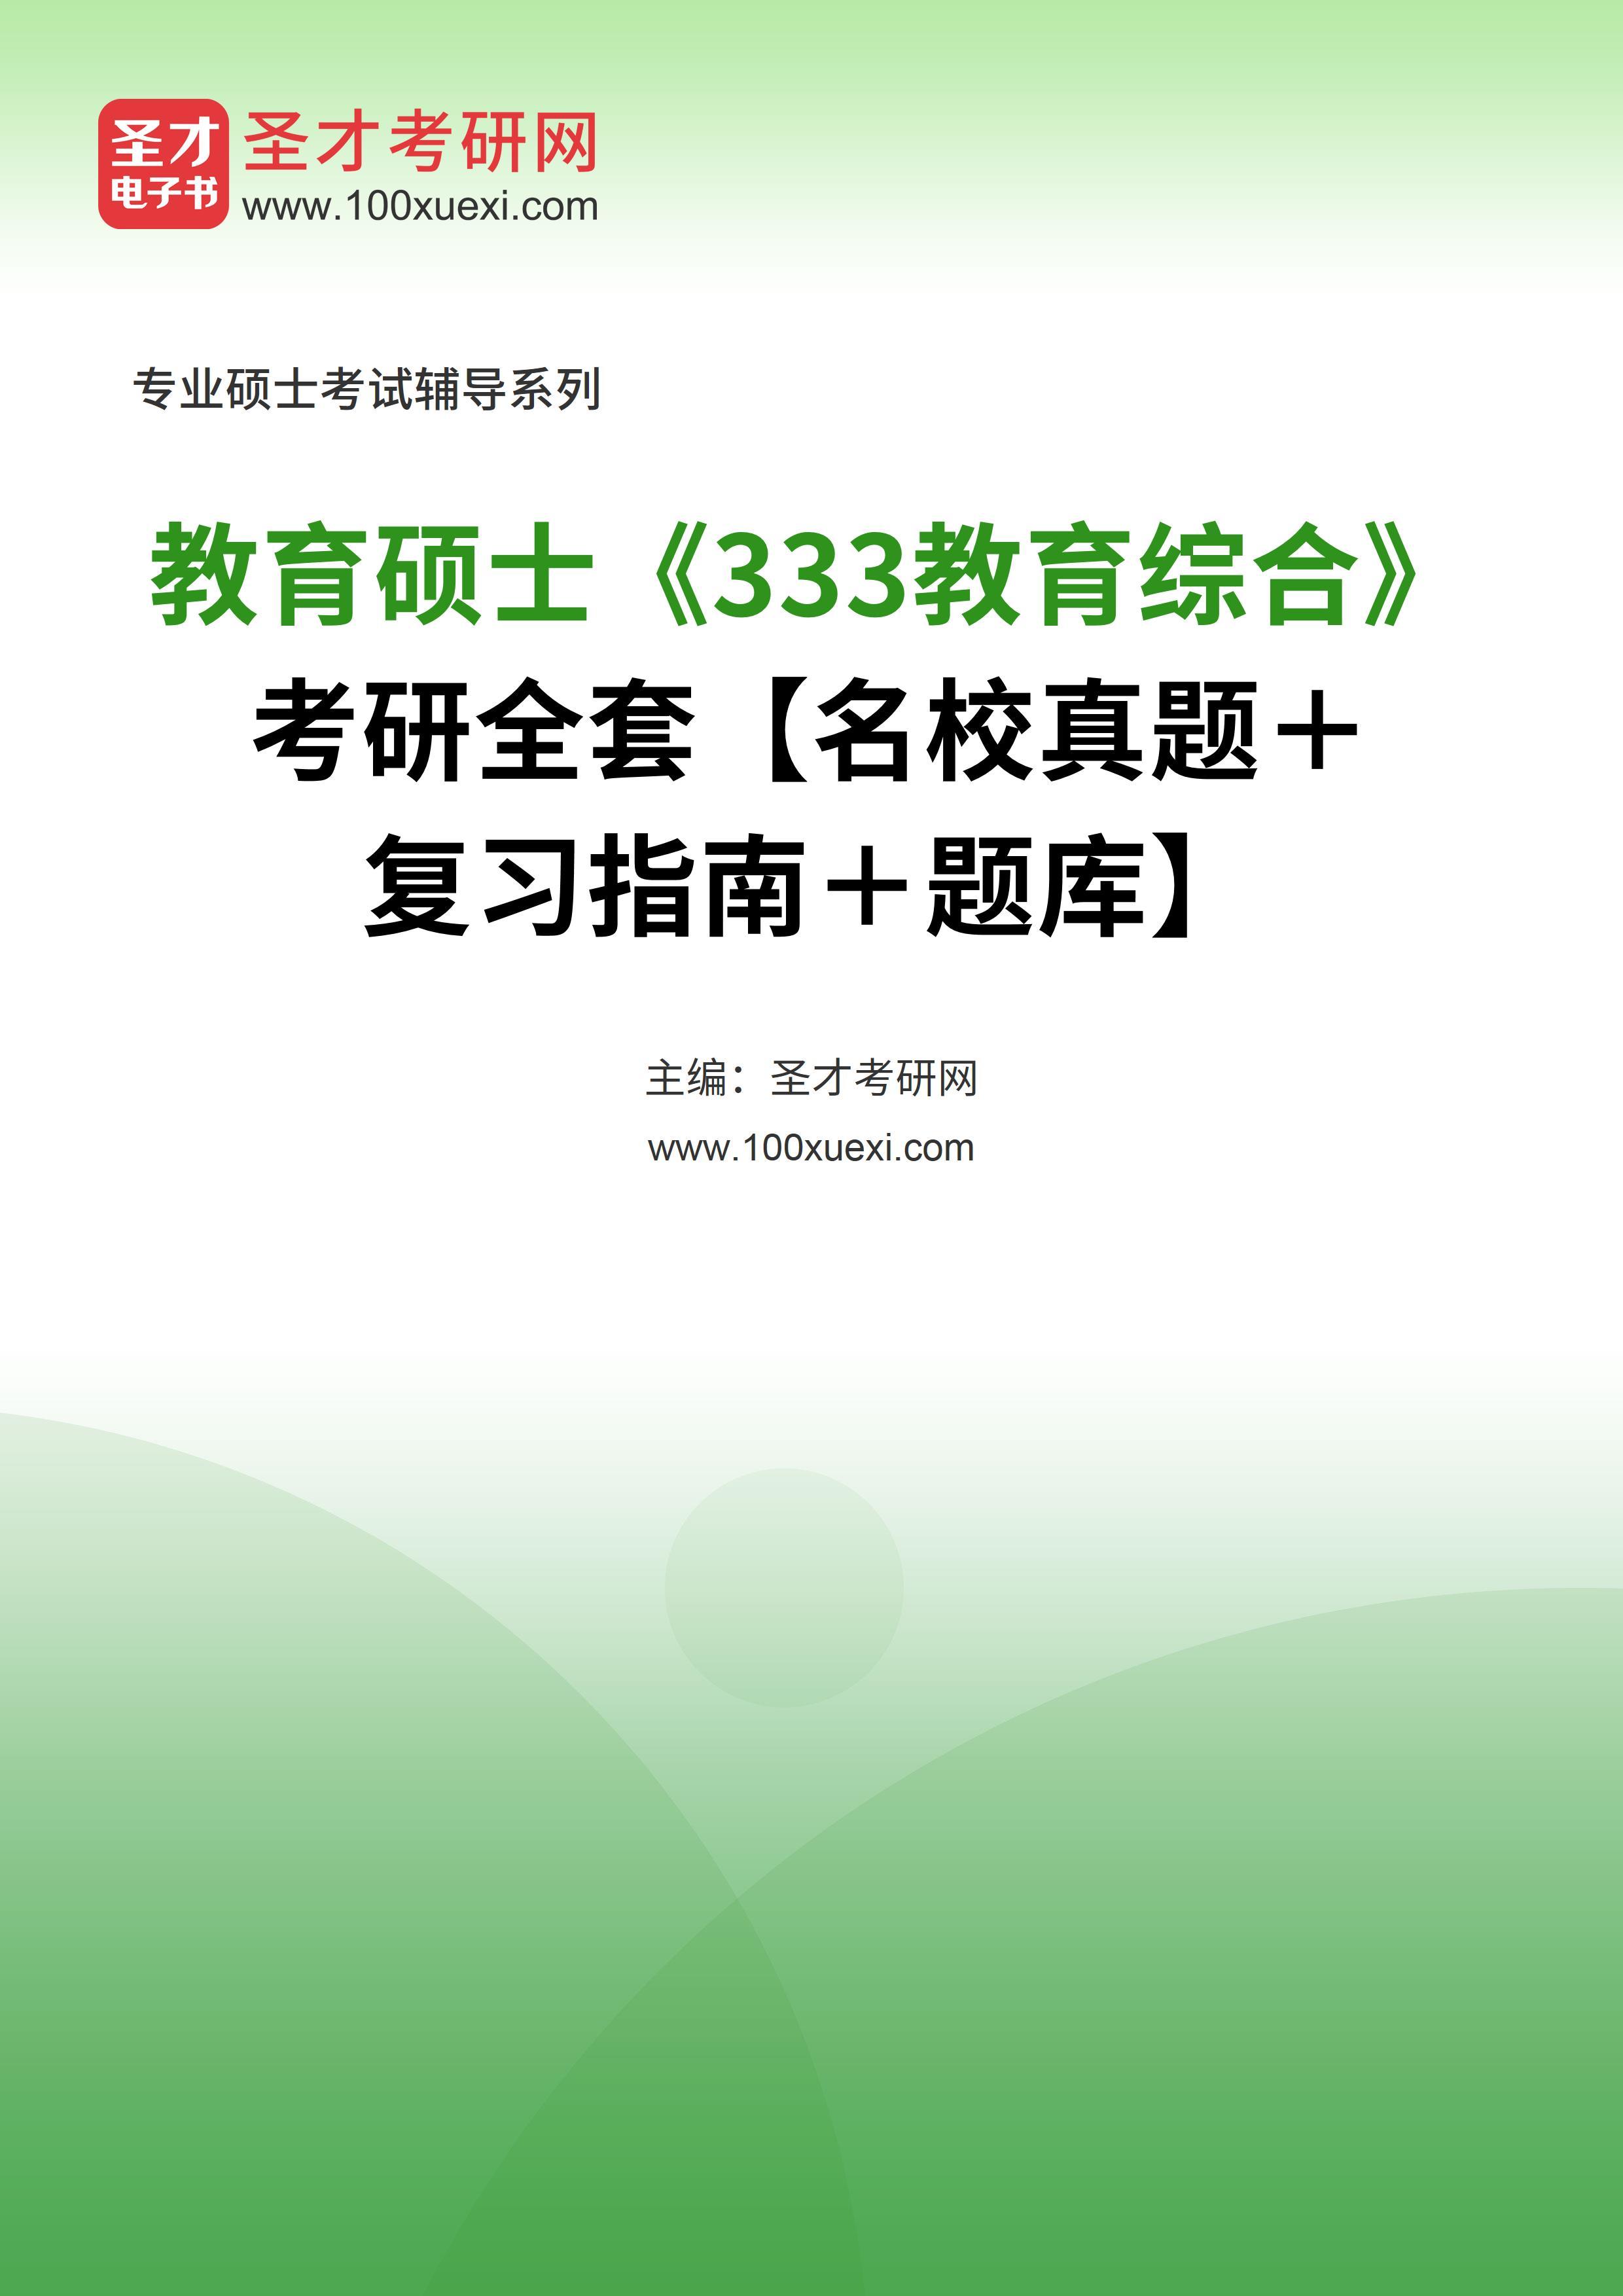 2022年教育硕士《333教育综合》考研全套【名校真题+复习指南+题库】